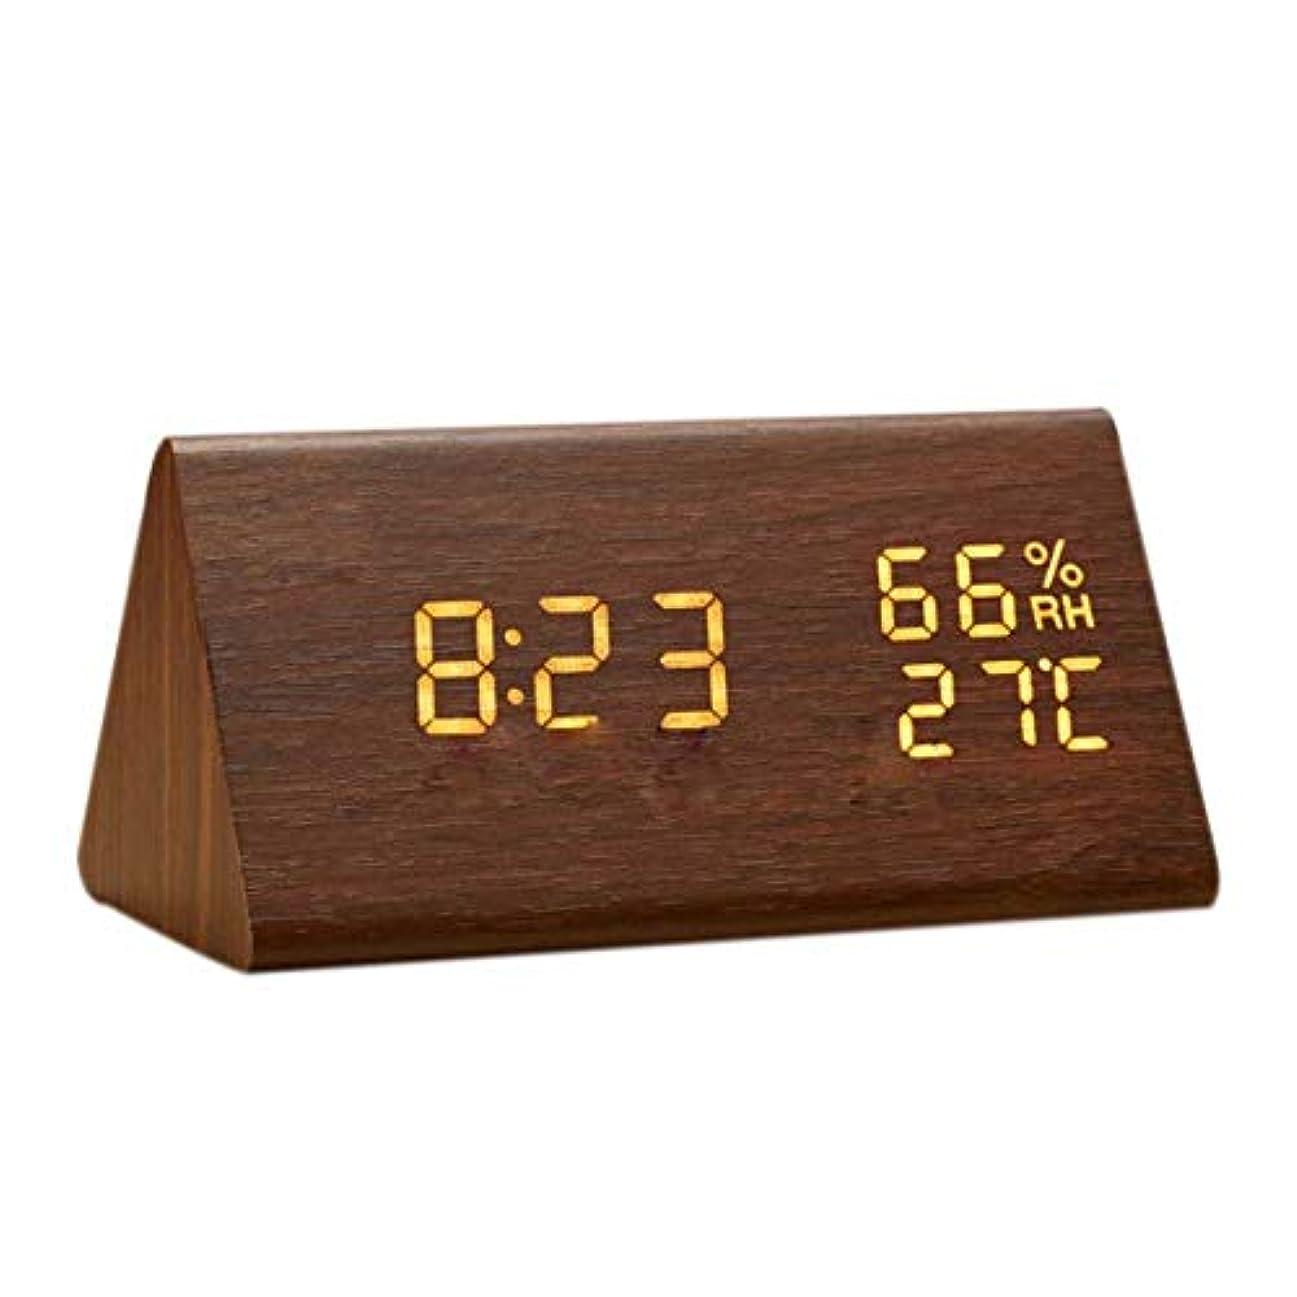 不良品警告する膜目覚まし時計 置き時計 デジタル 大きなLED数字表示 温度湿度計 カレンダー アラーム 振動/音感センサー 輝度調節 設定記憶 USB給電/電池 木製 おしゃれ 卓上 新築祝い 贈り物 (ブラウン)